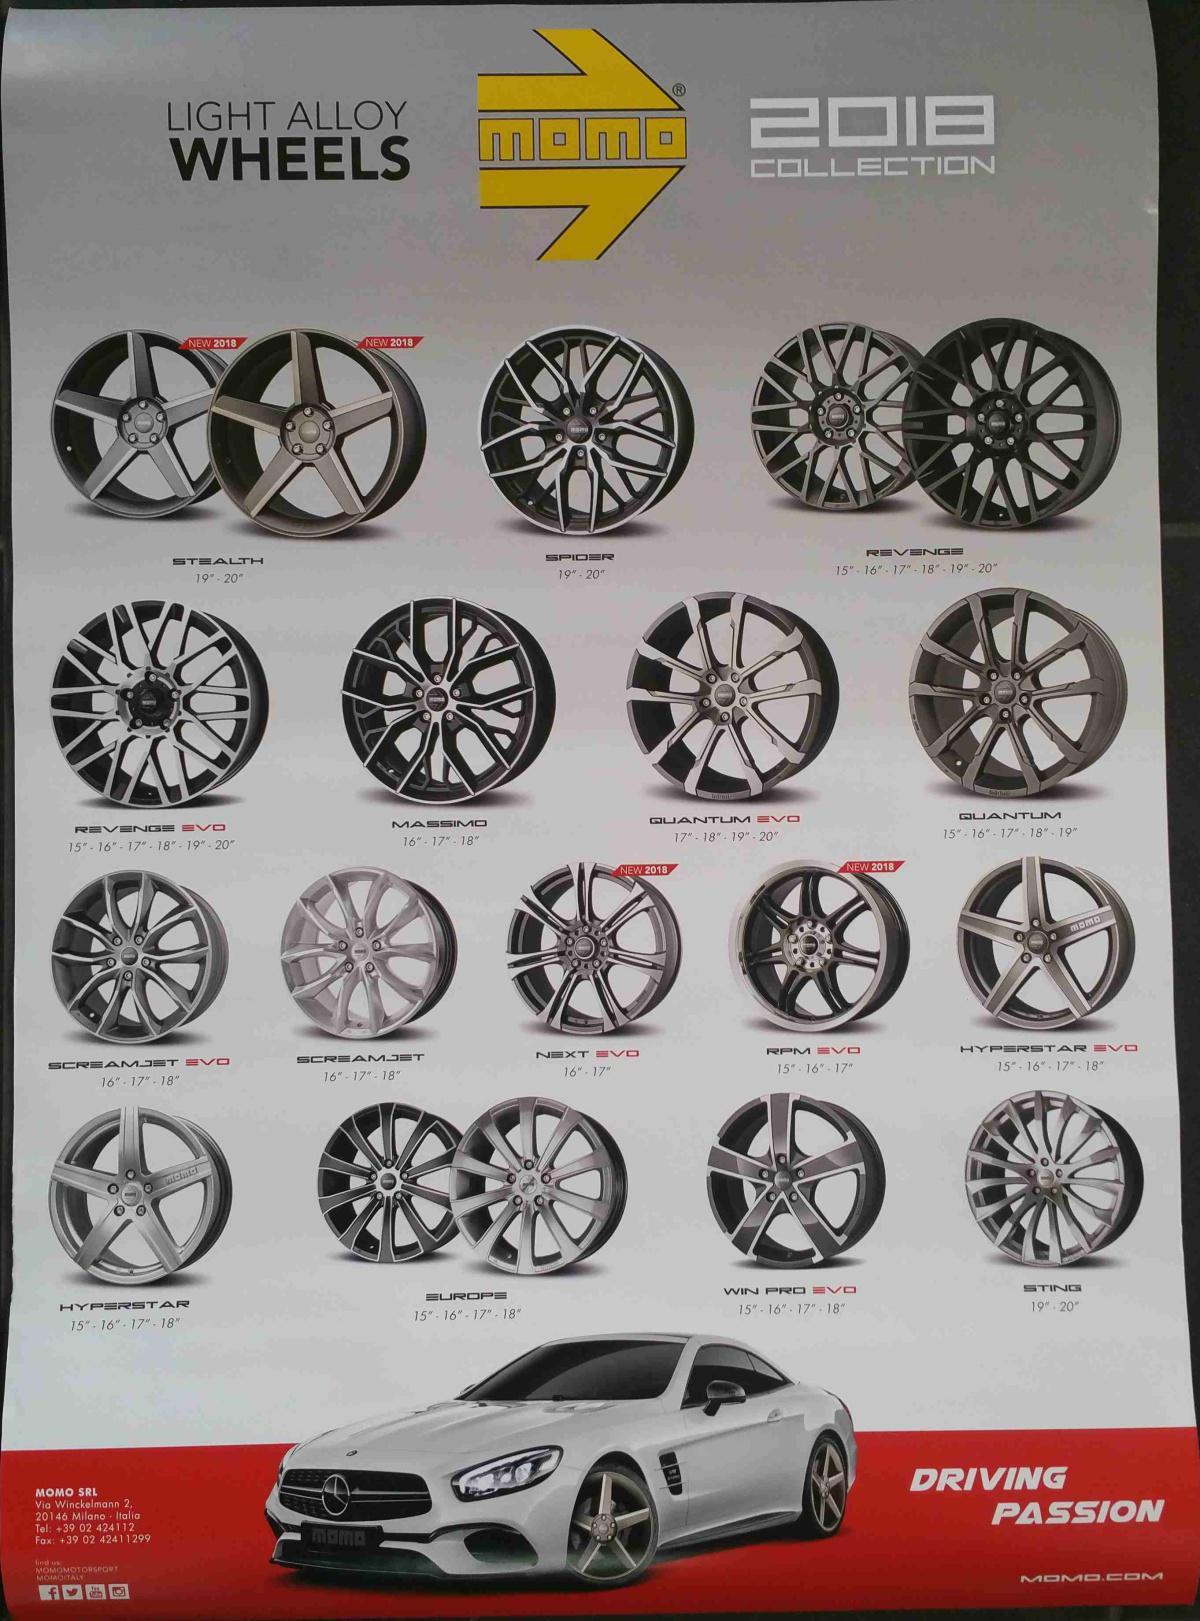 MOMO Light Alloy Wheels 2018 Collection